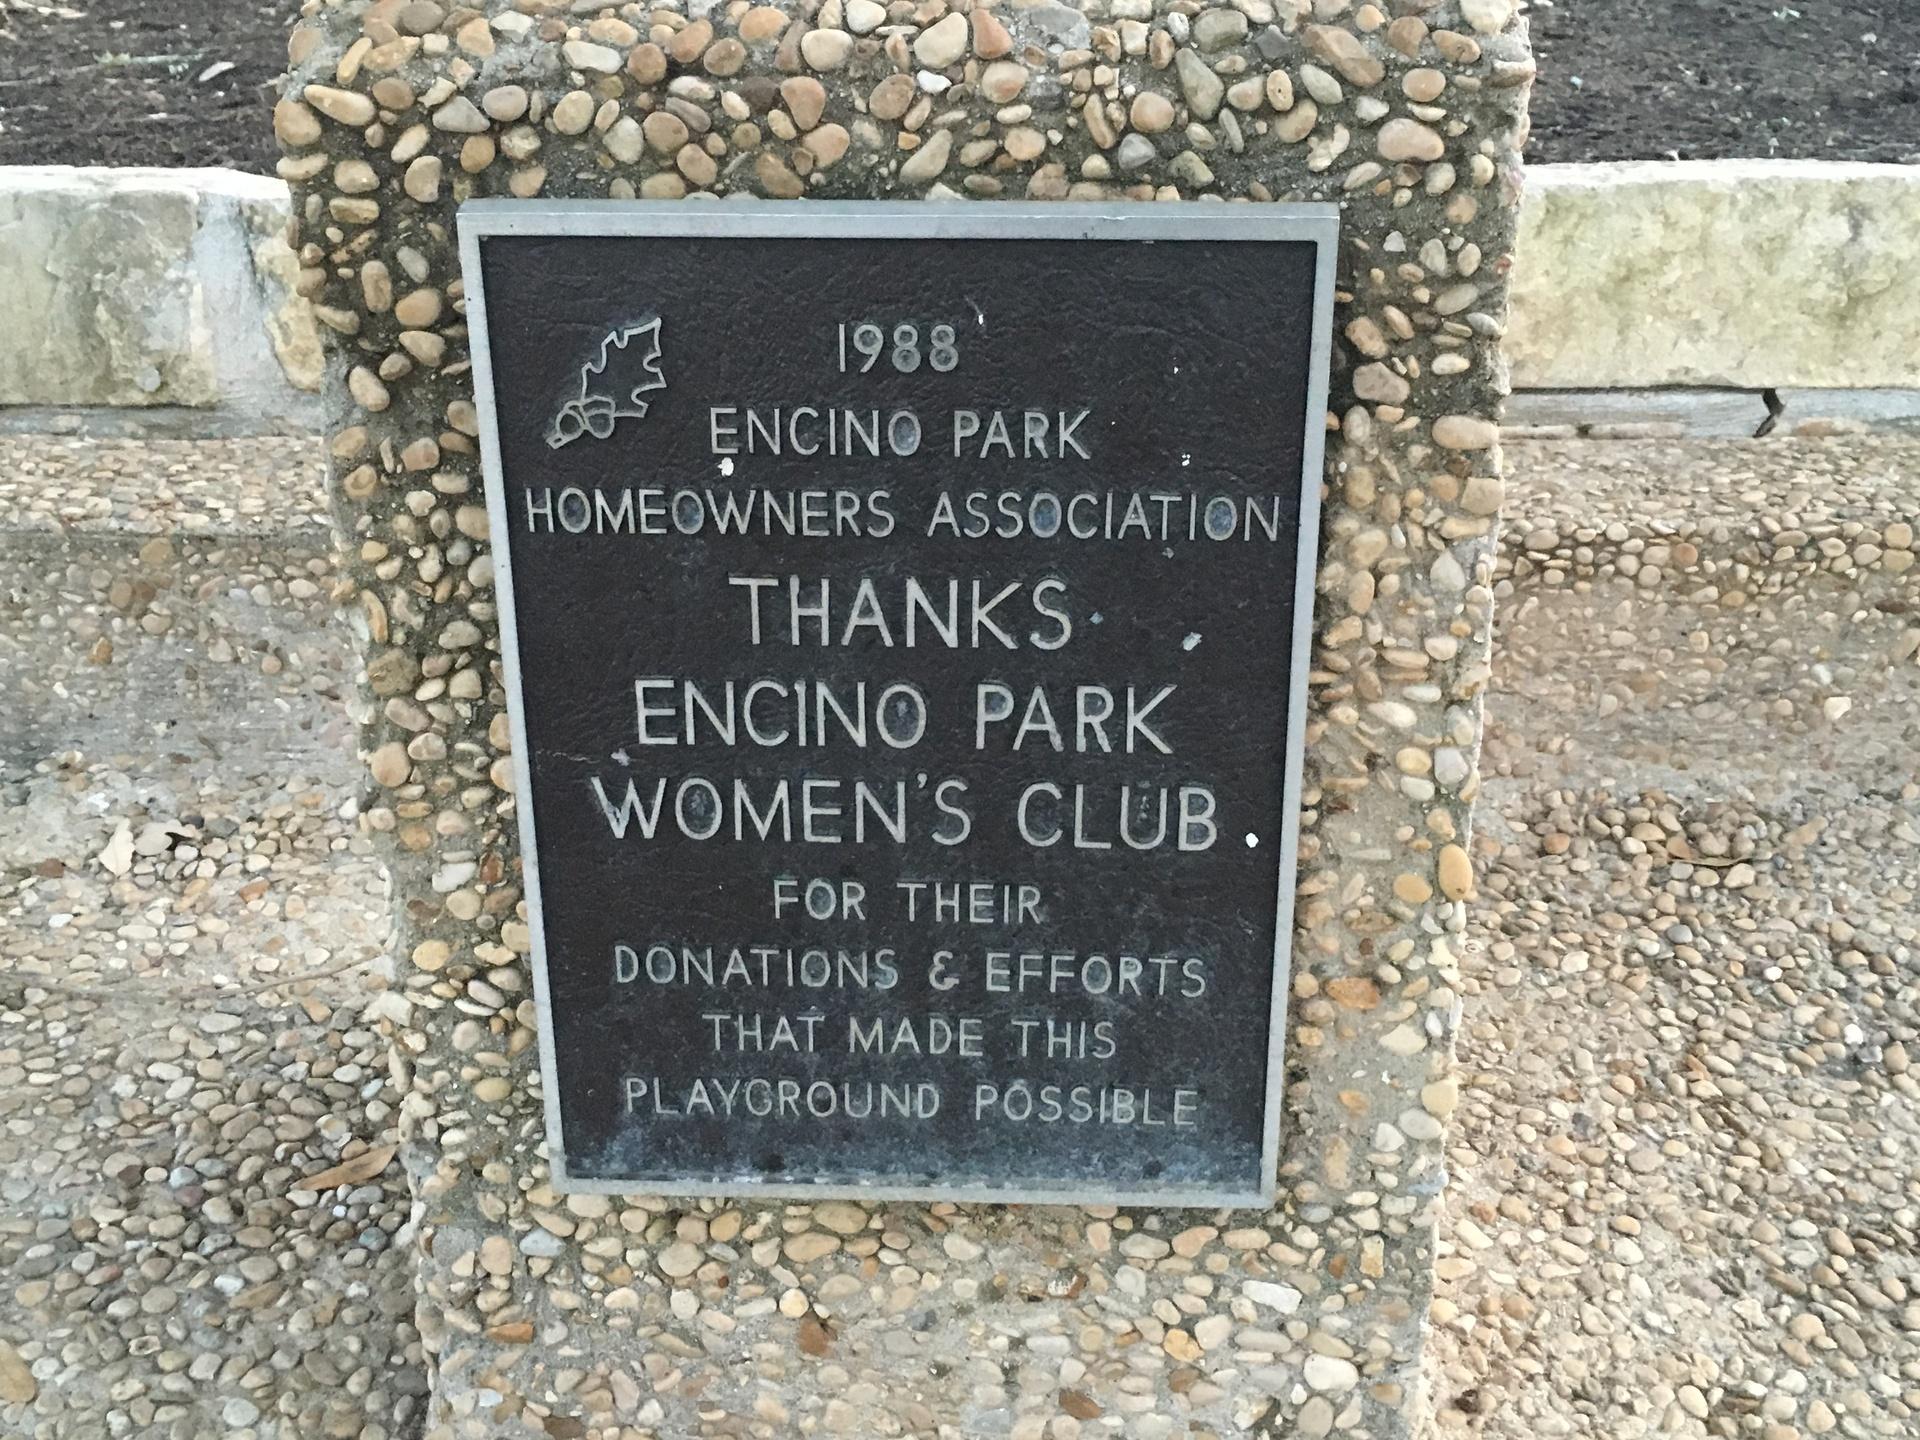 Encino Park HOA